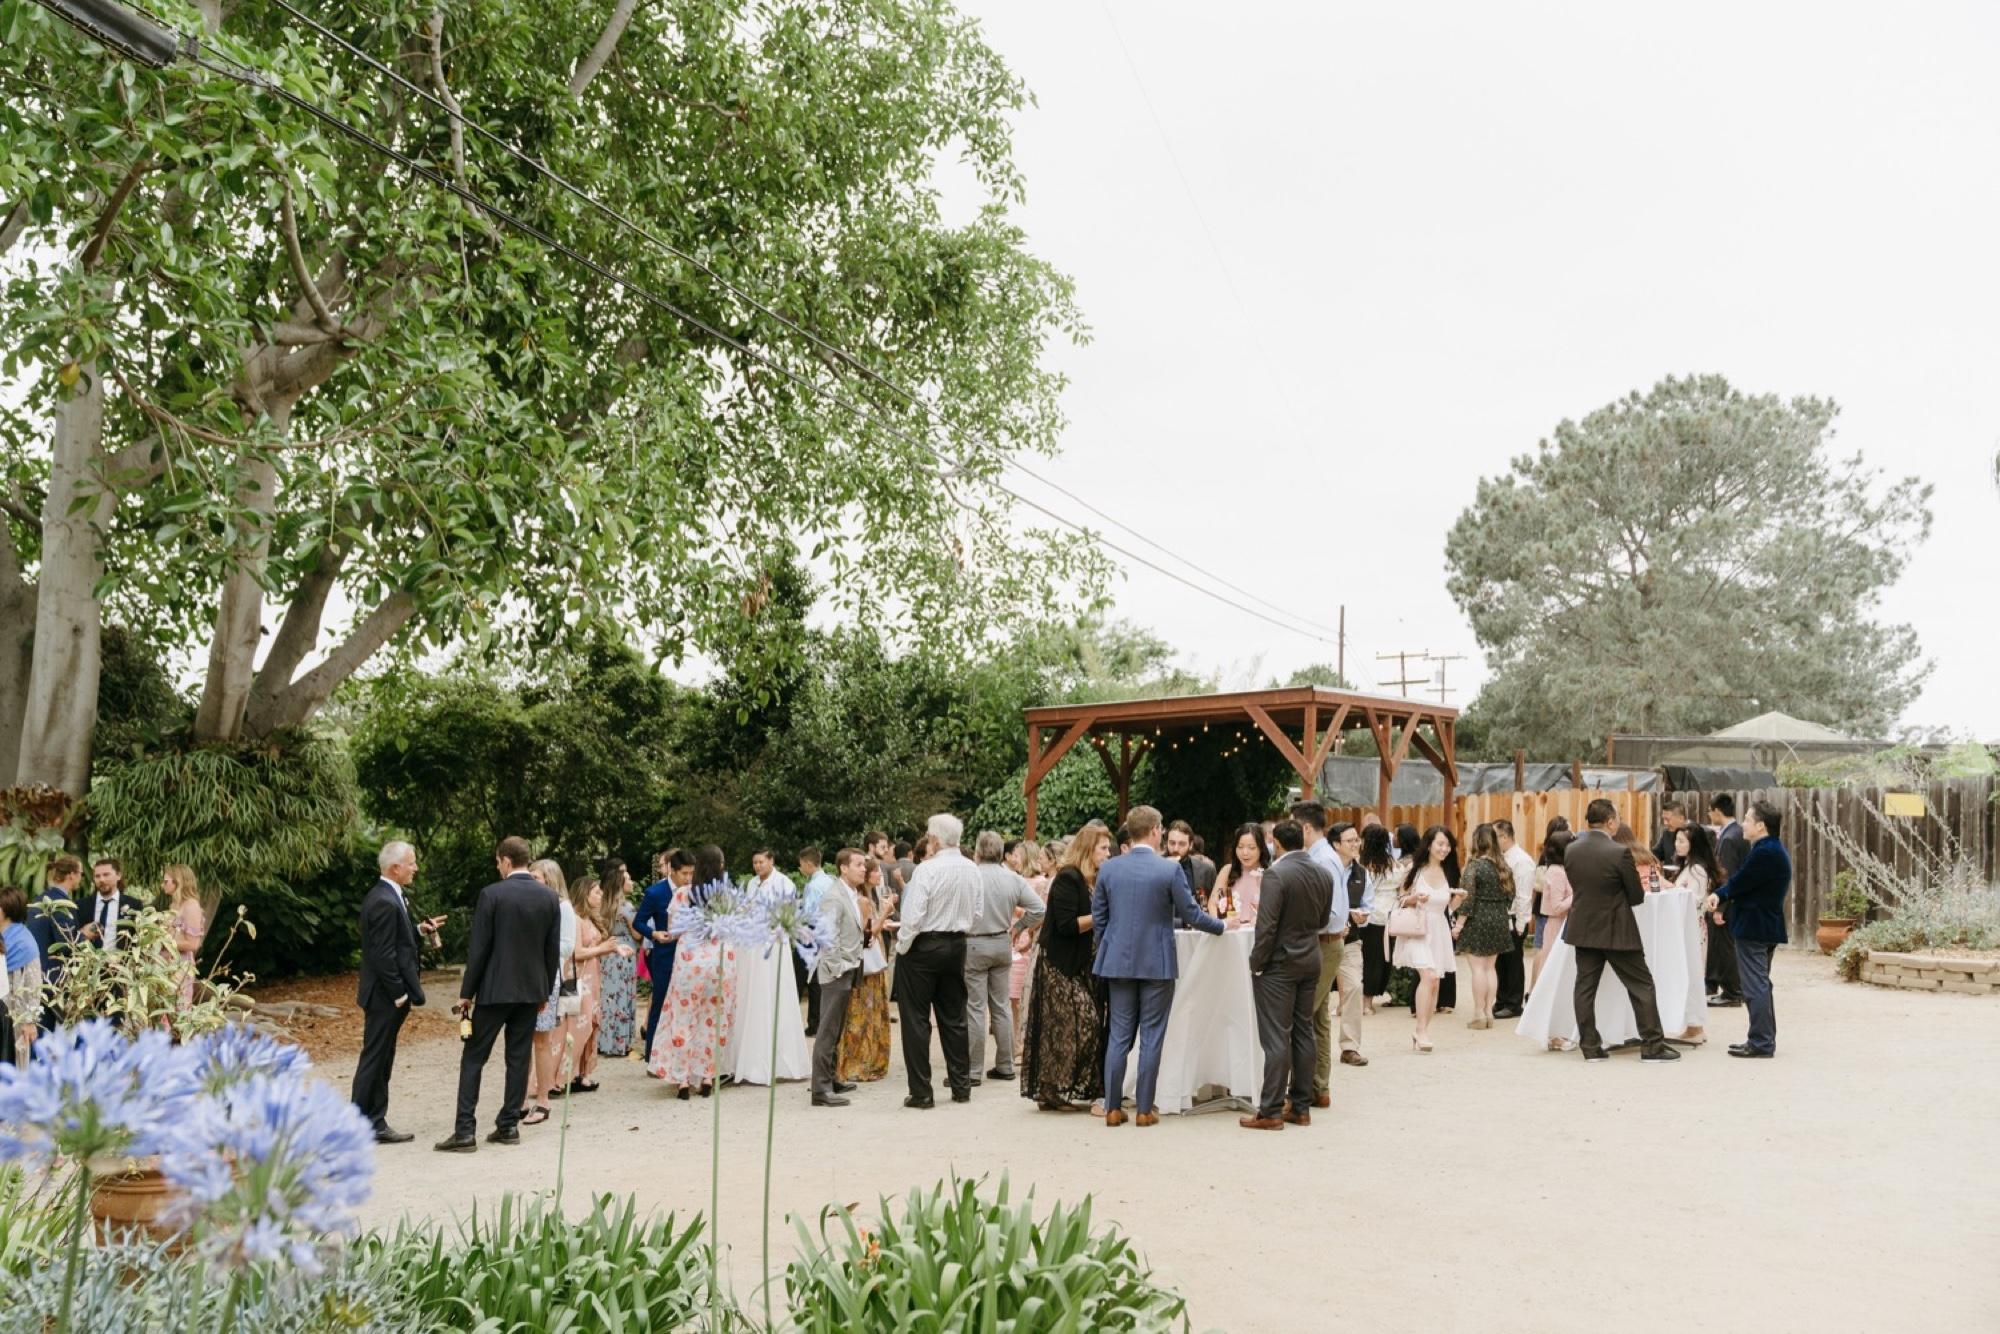 058_Shawna and Steve's Wedding-367.jpg